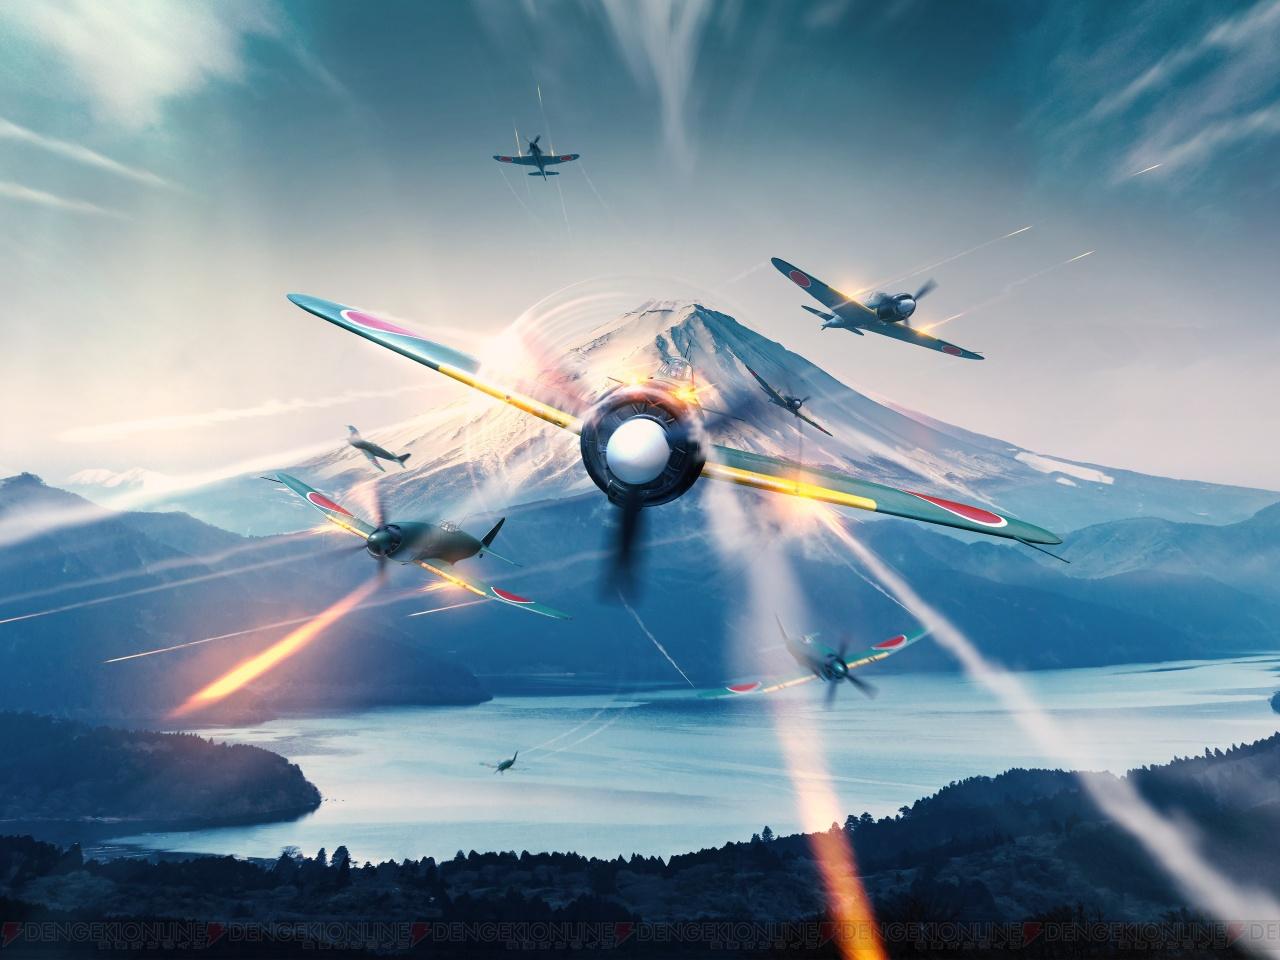 オンライン空戦MMOゲーム『World of Warplanes』PC版の日本版テストが配信